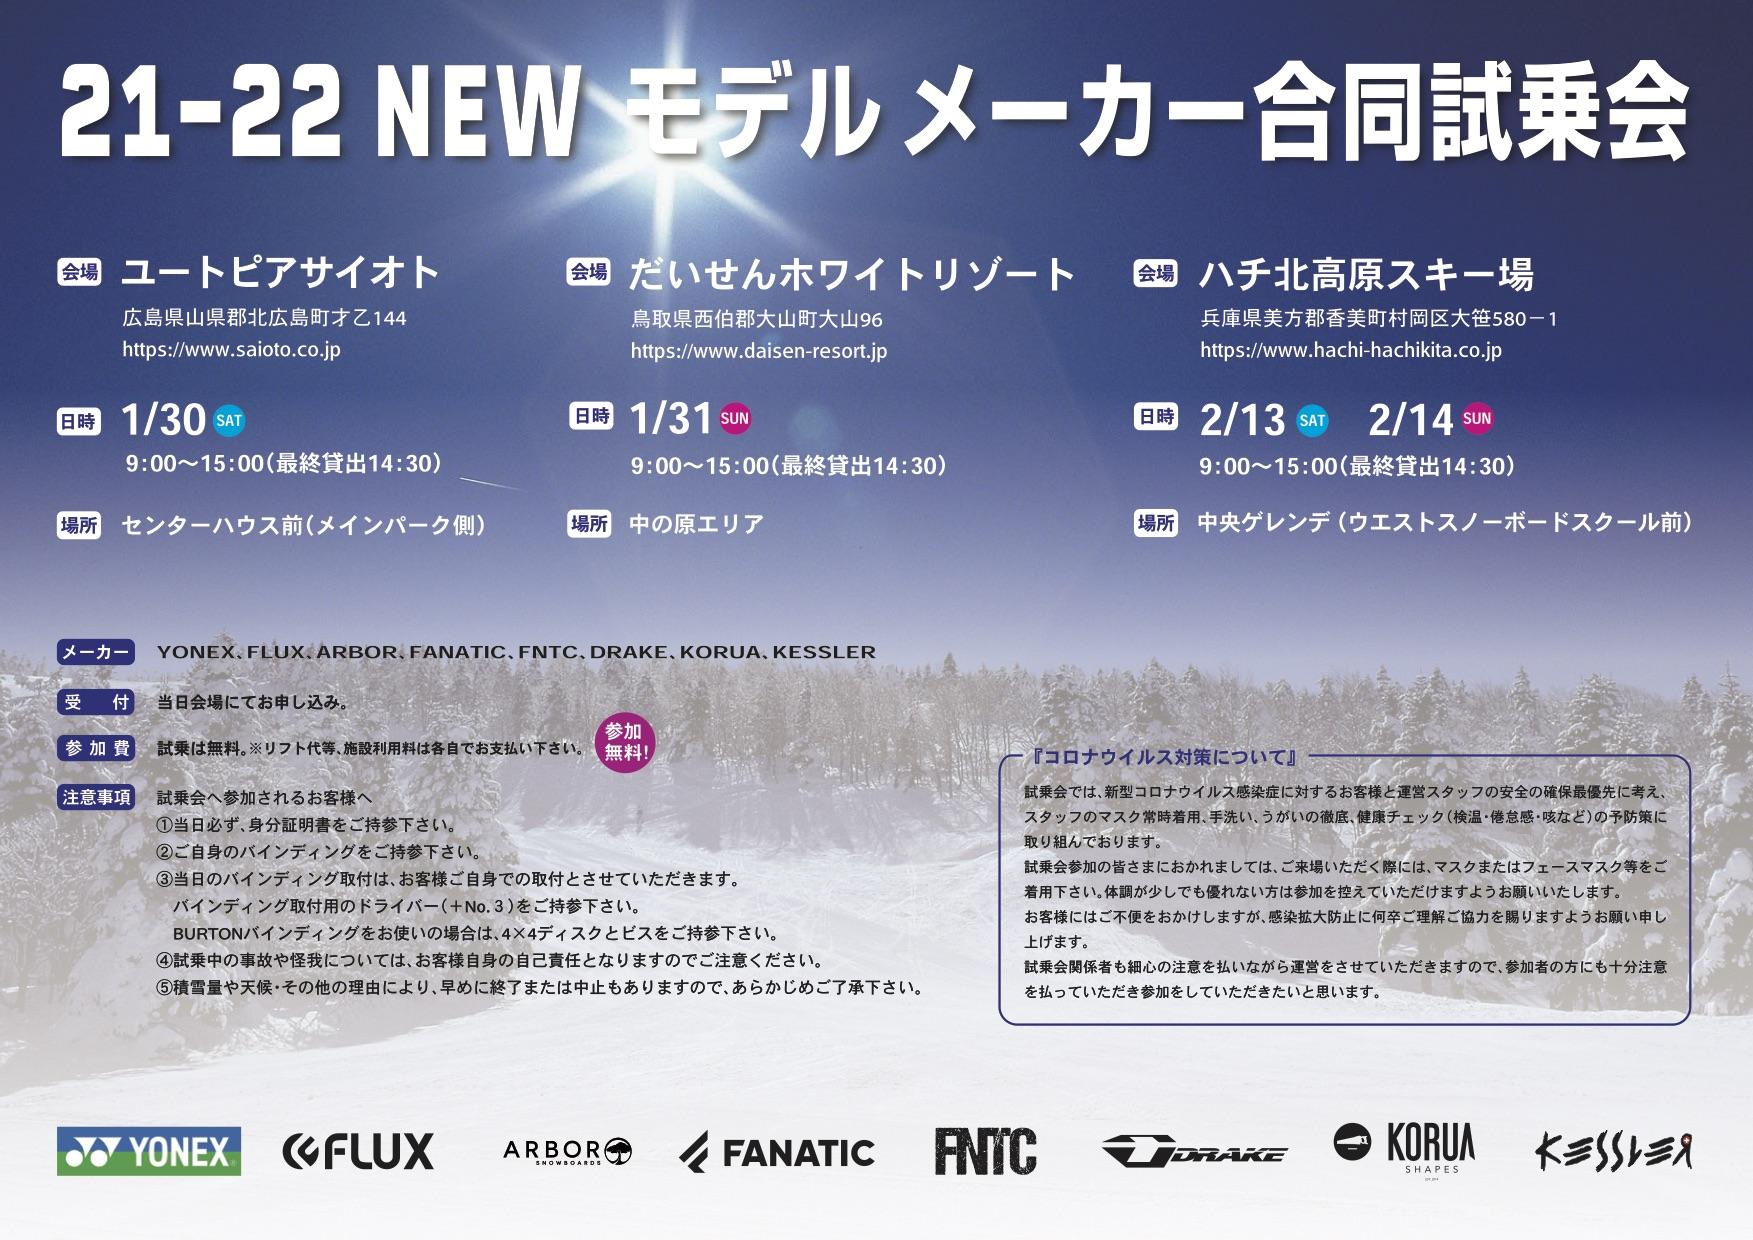 21-22newモデル合同試乗会_20210121_訂正版